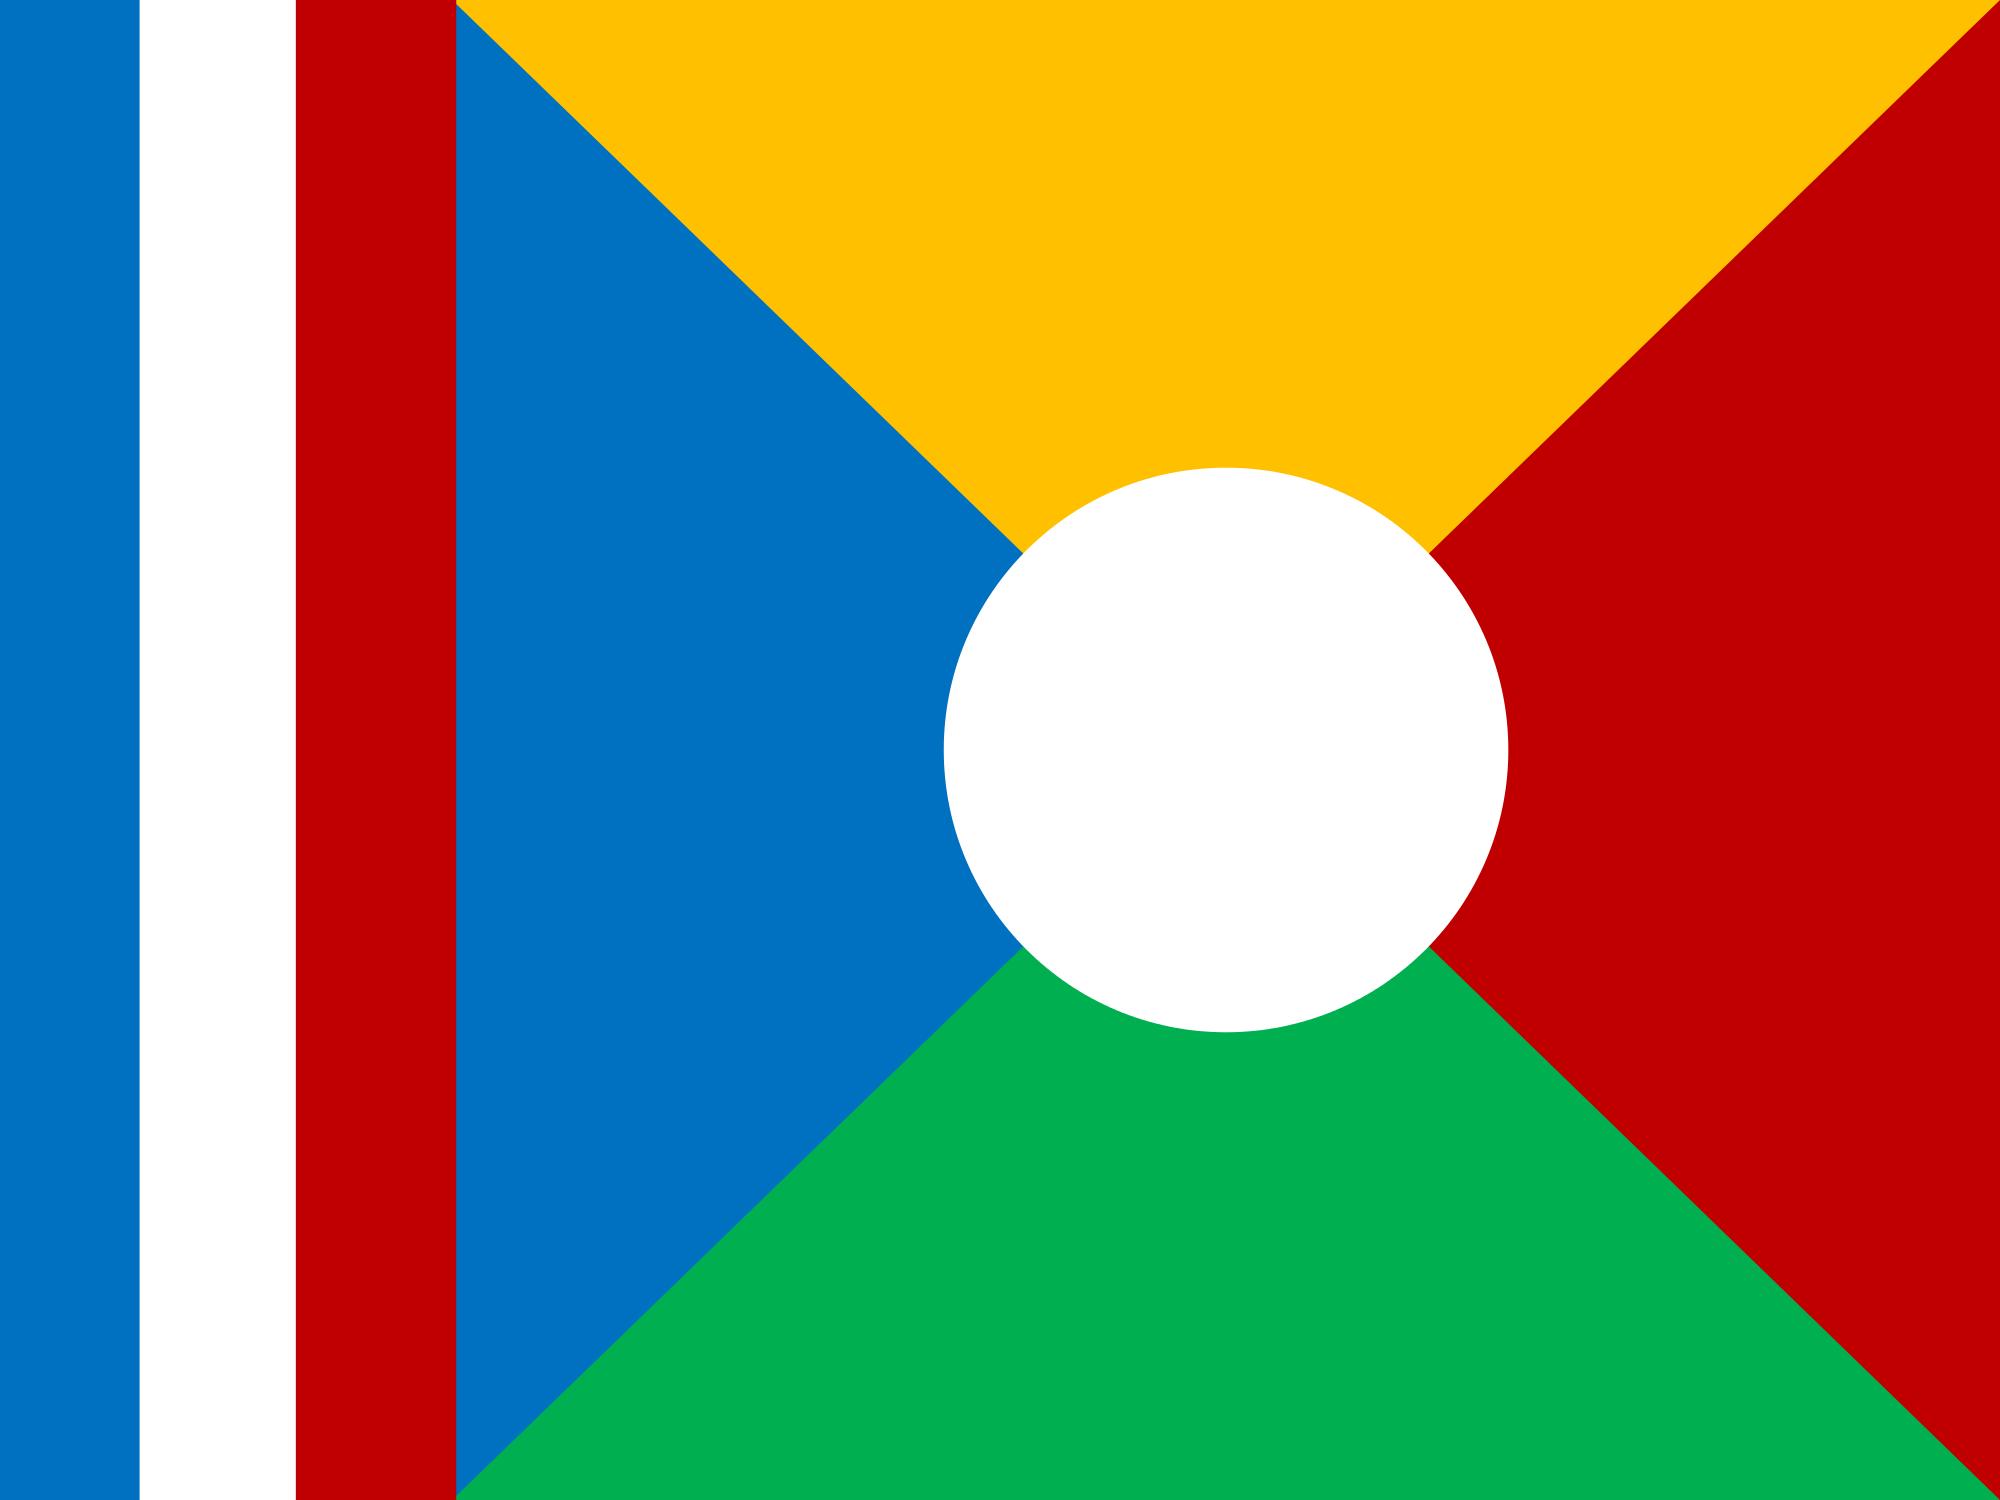 reunión, paese, emblema, logo, simbolo - Sfondi HD - Professor-falken.com